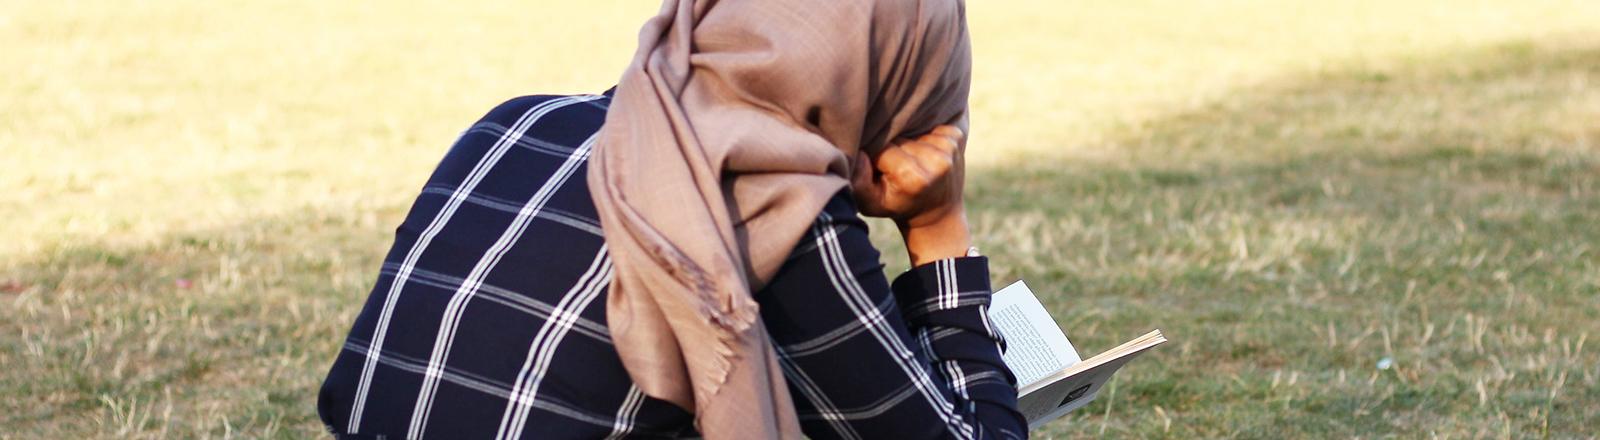 Junge Muslima sitzt in Berlin mit einem Buch auf der Wiese.